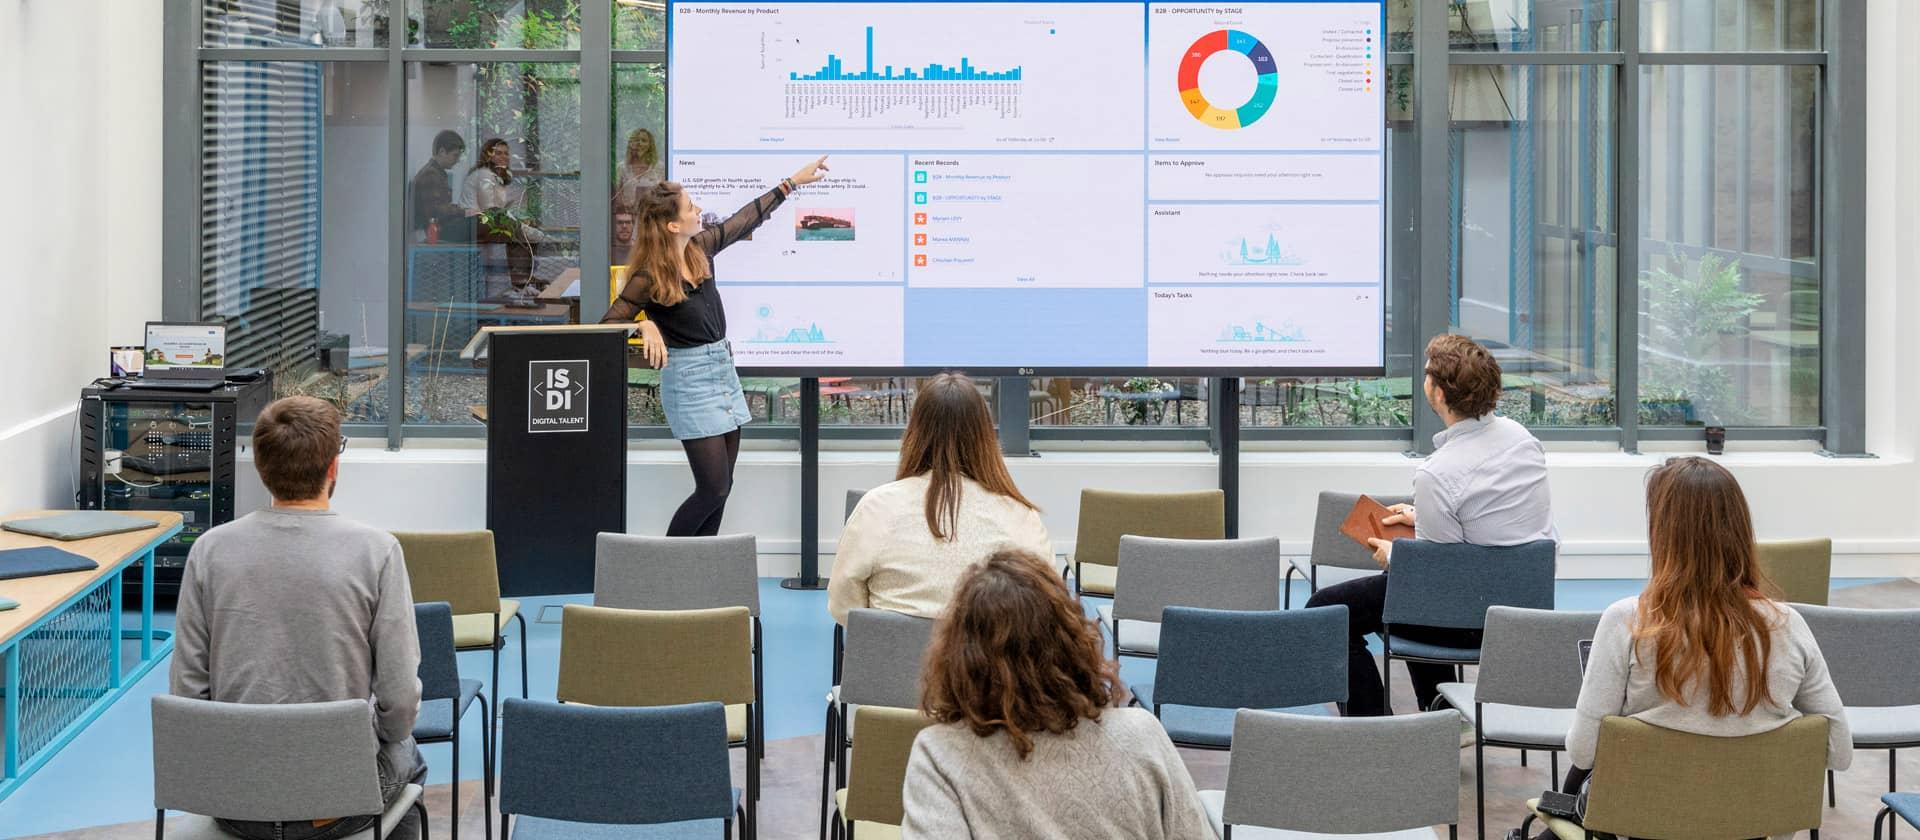 ¿Te gustaría descubrir Salesforce y mejorar tus habilidades digitales?